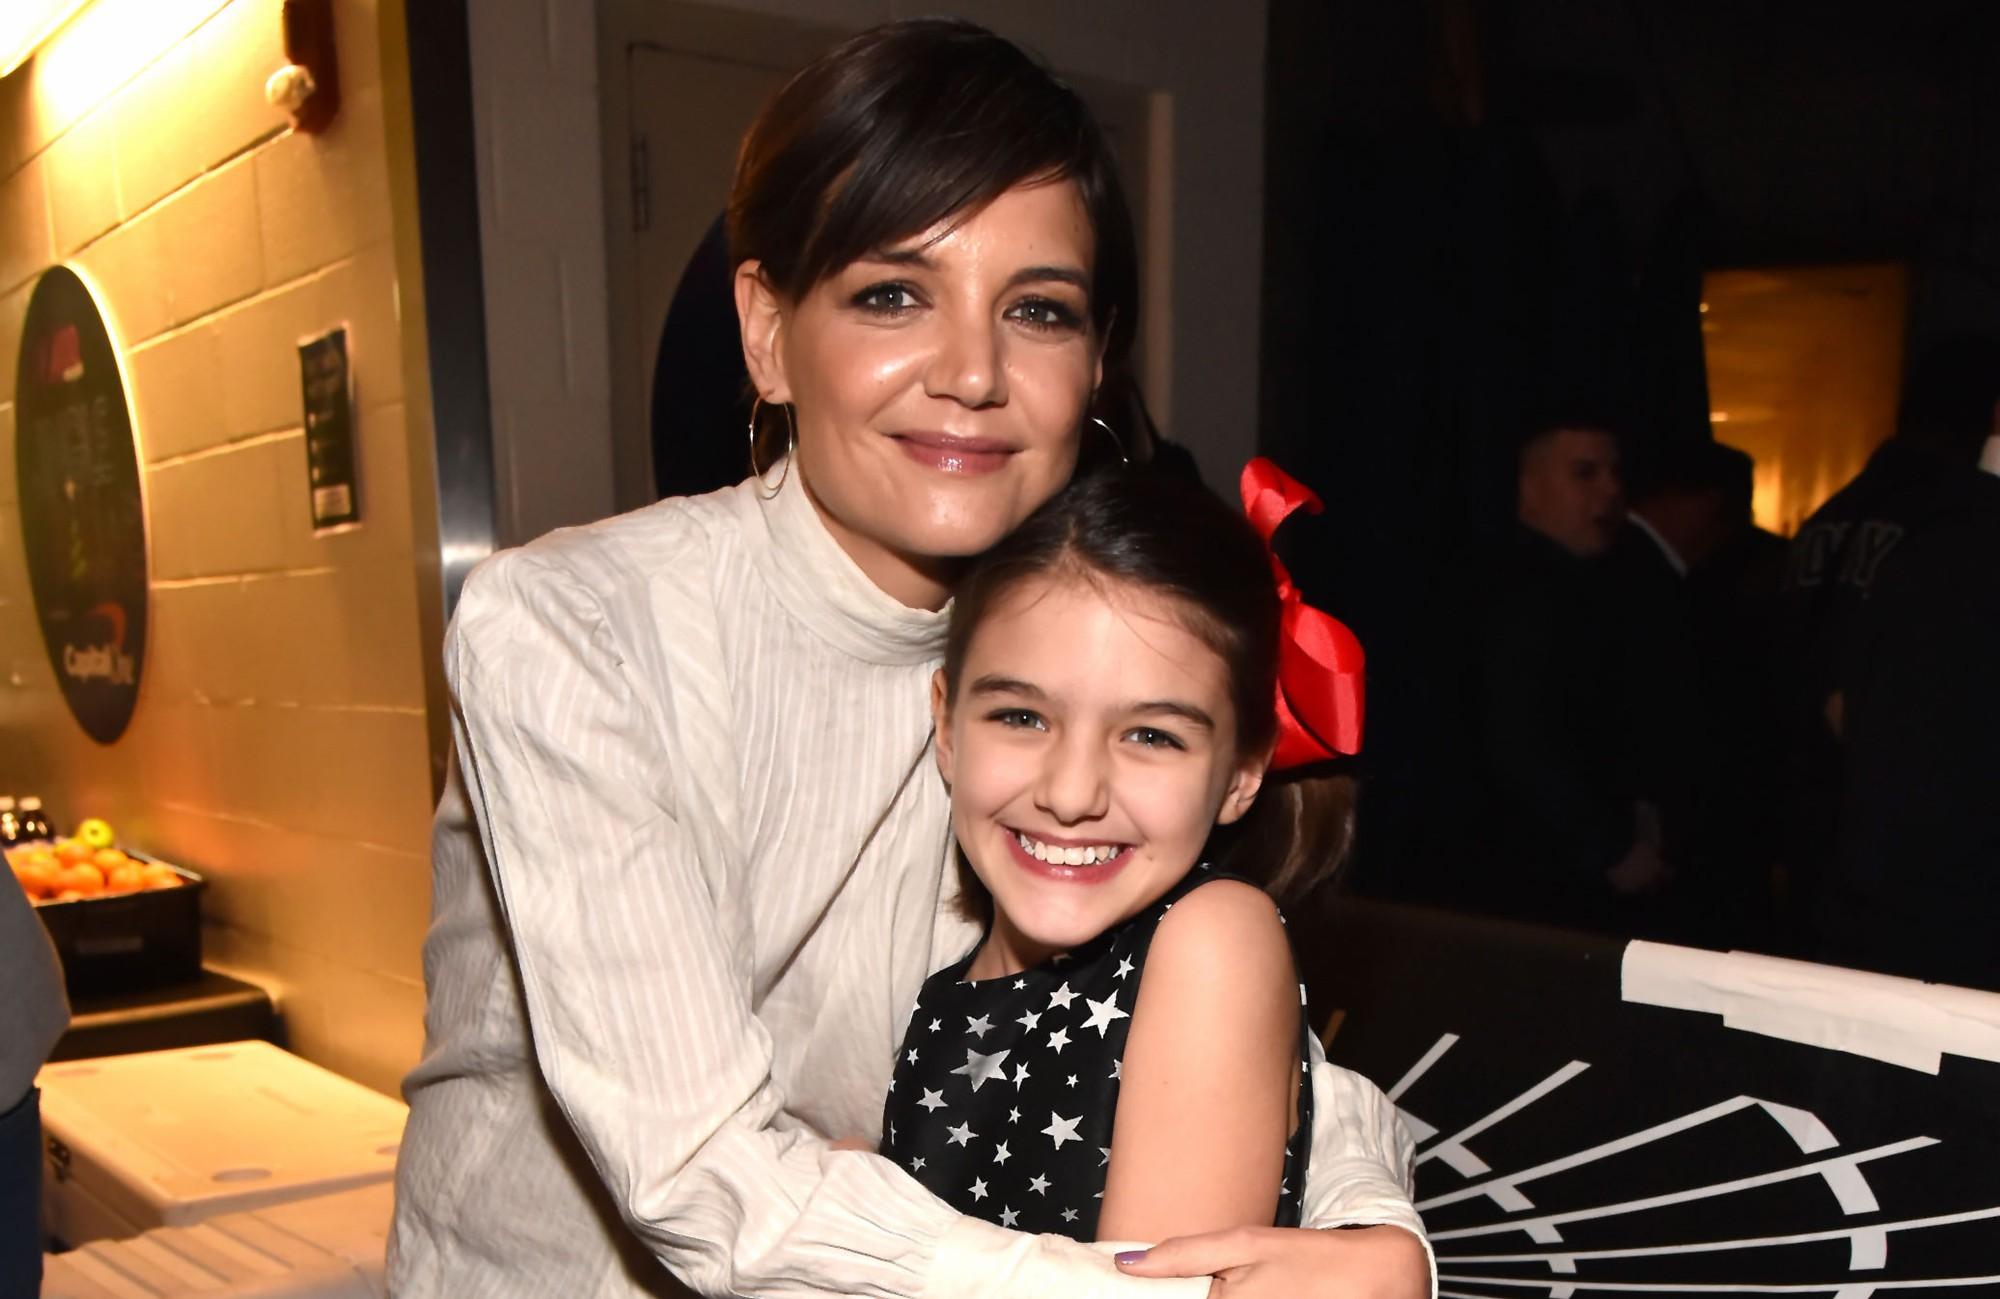 Những cô công chúa nổi tiếng nhà sao Hollywood ngày ấy nay đã lớn: Suri Cruise, Harper Beckham lột xác ngoạn mục - Ảnh 9.